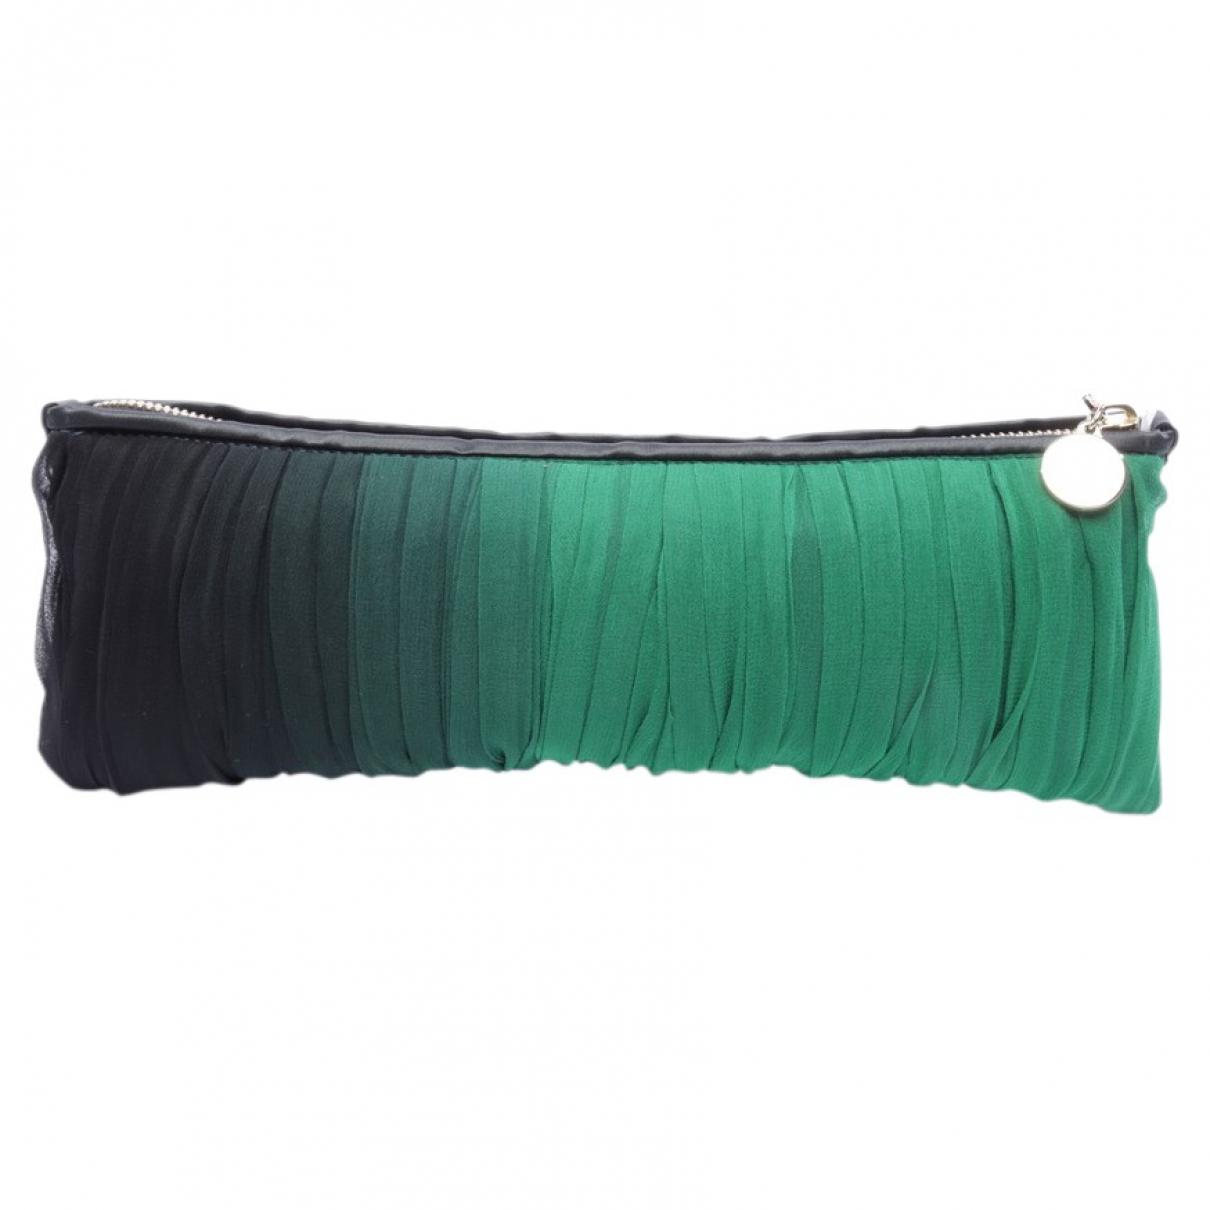 Stella Mccartney N Green Leather Clutch bag for Women N